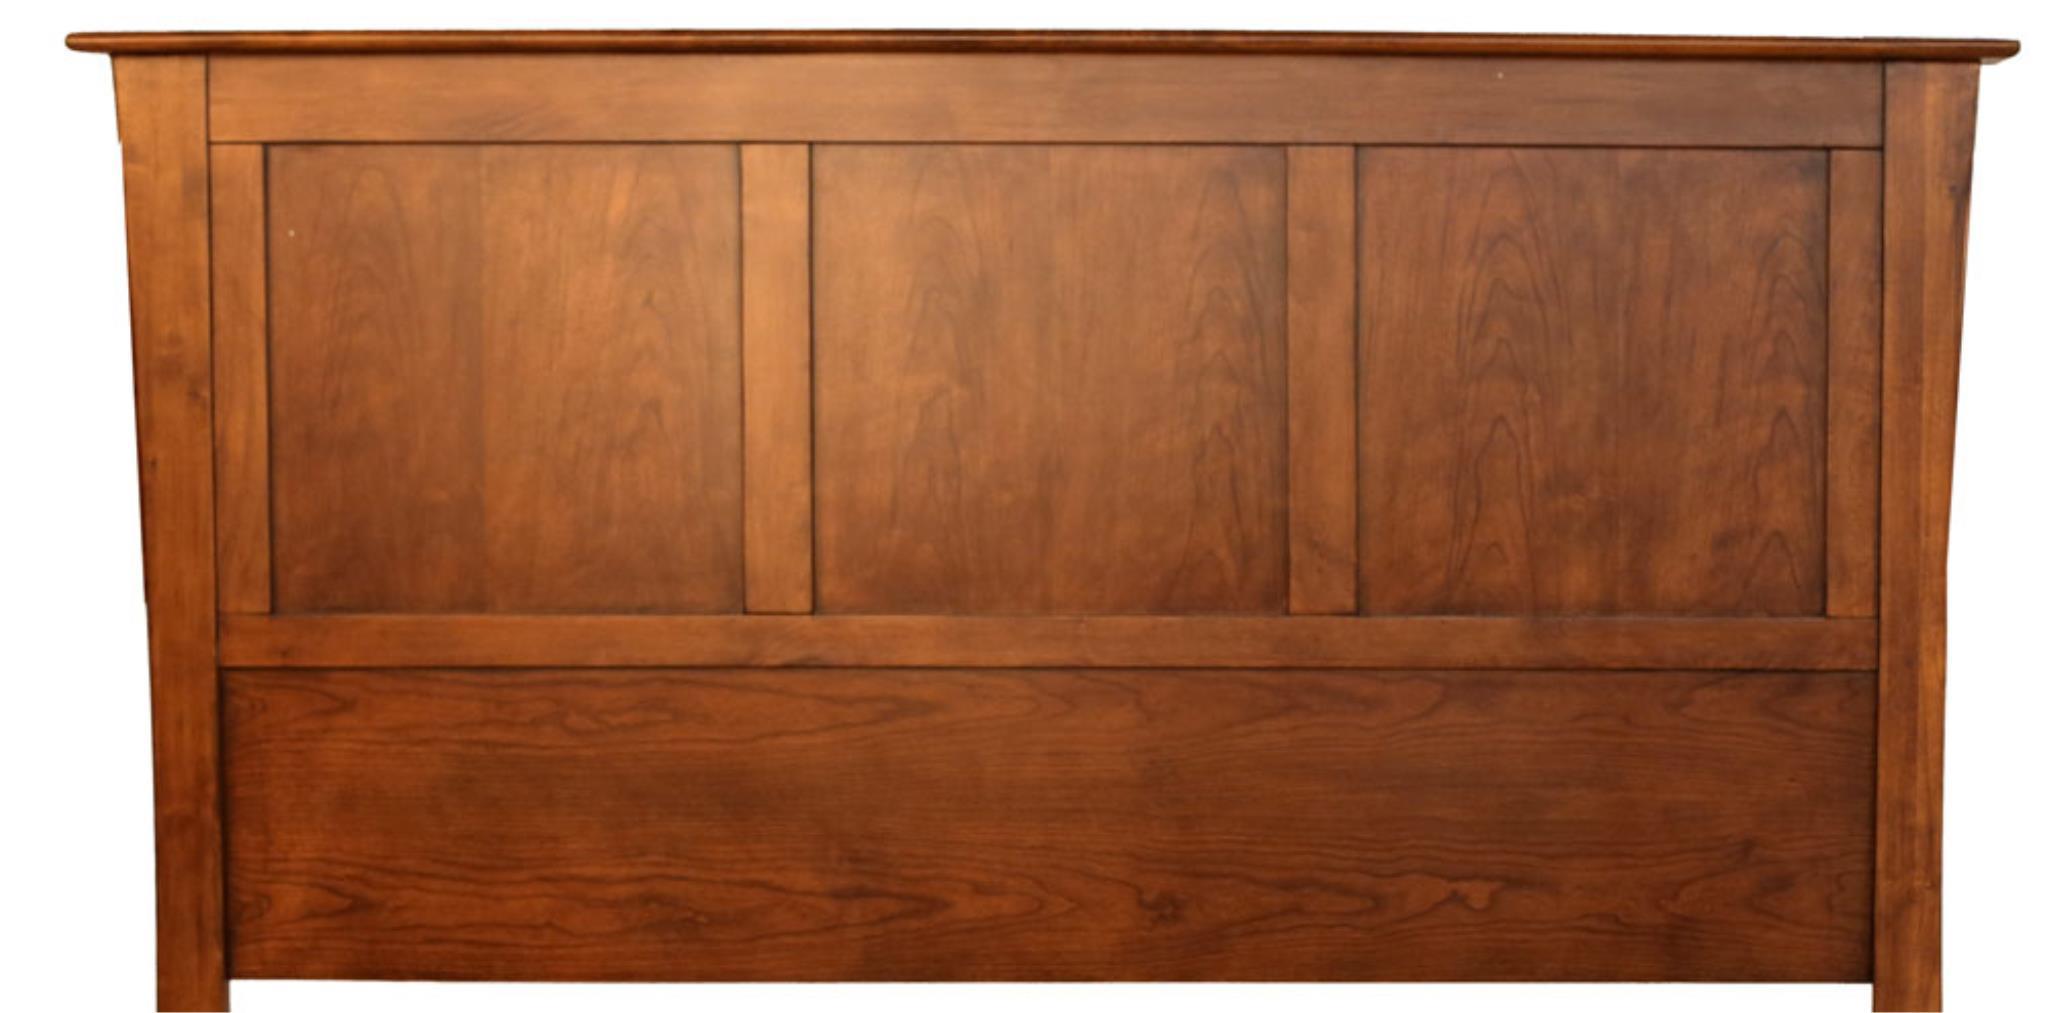 AAmerica Grant Park Queen Panel Headboard - Item Number: GPKPE503H